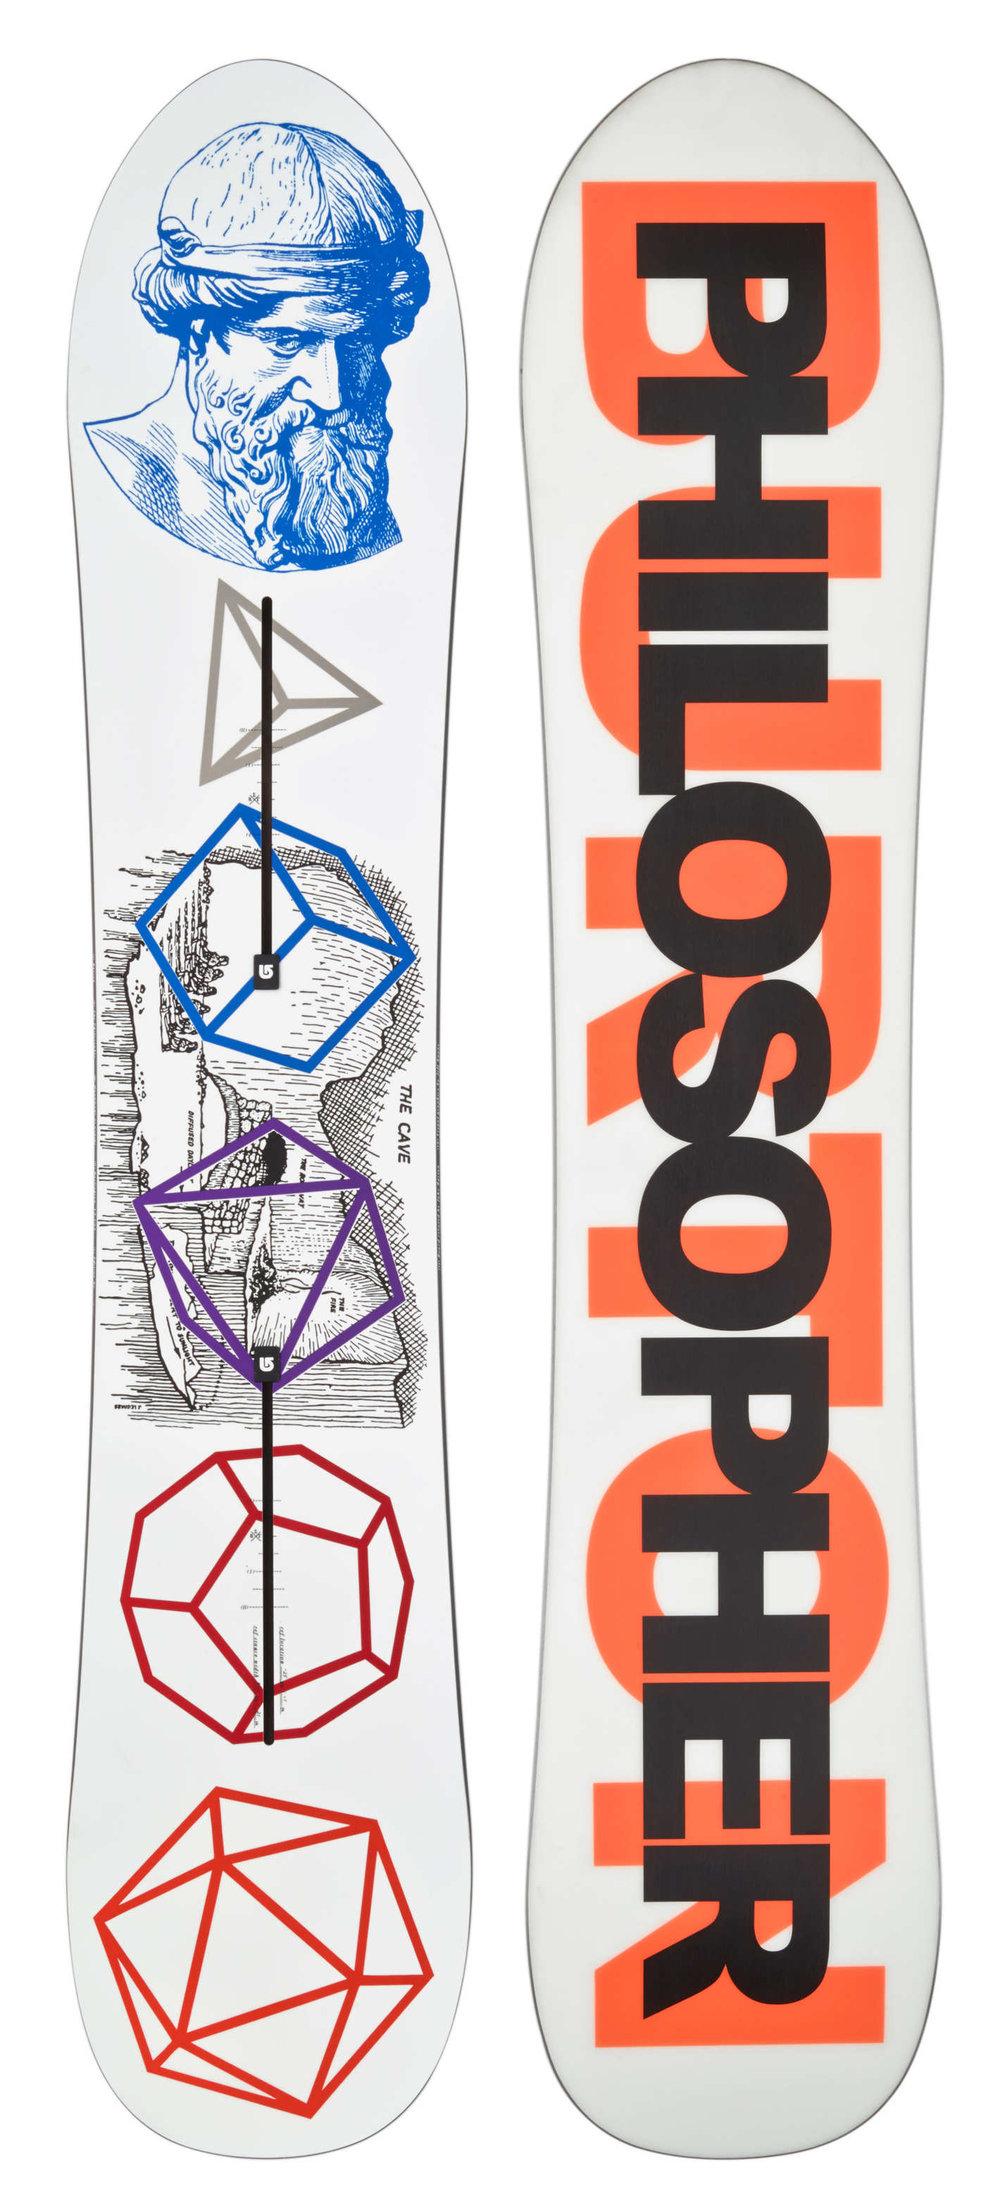 07-snowboard.nocrop.w710.h2147483647.2x.jpg